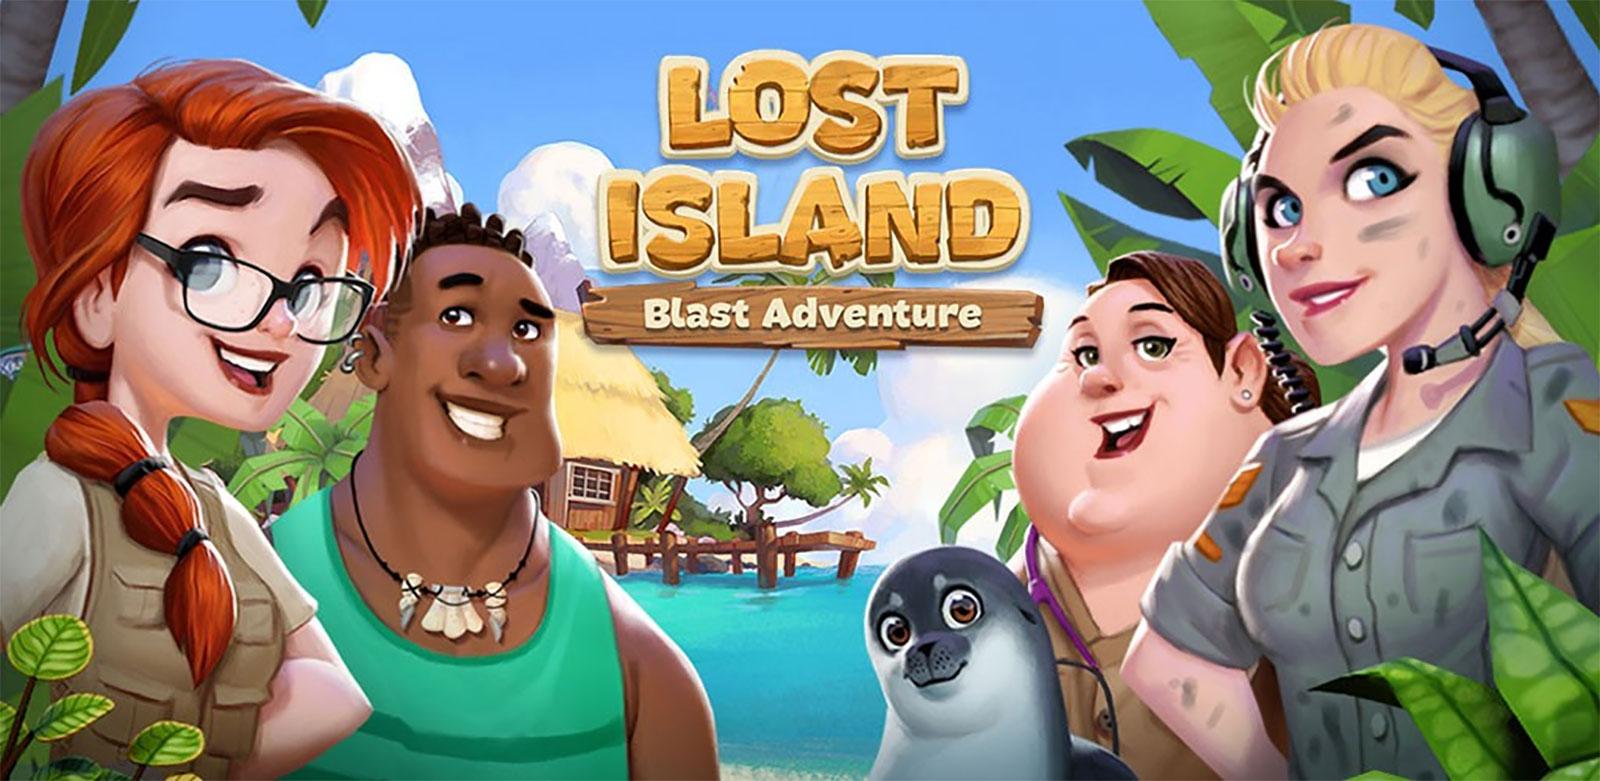 Lost Island Blast Adventure Mod Apk